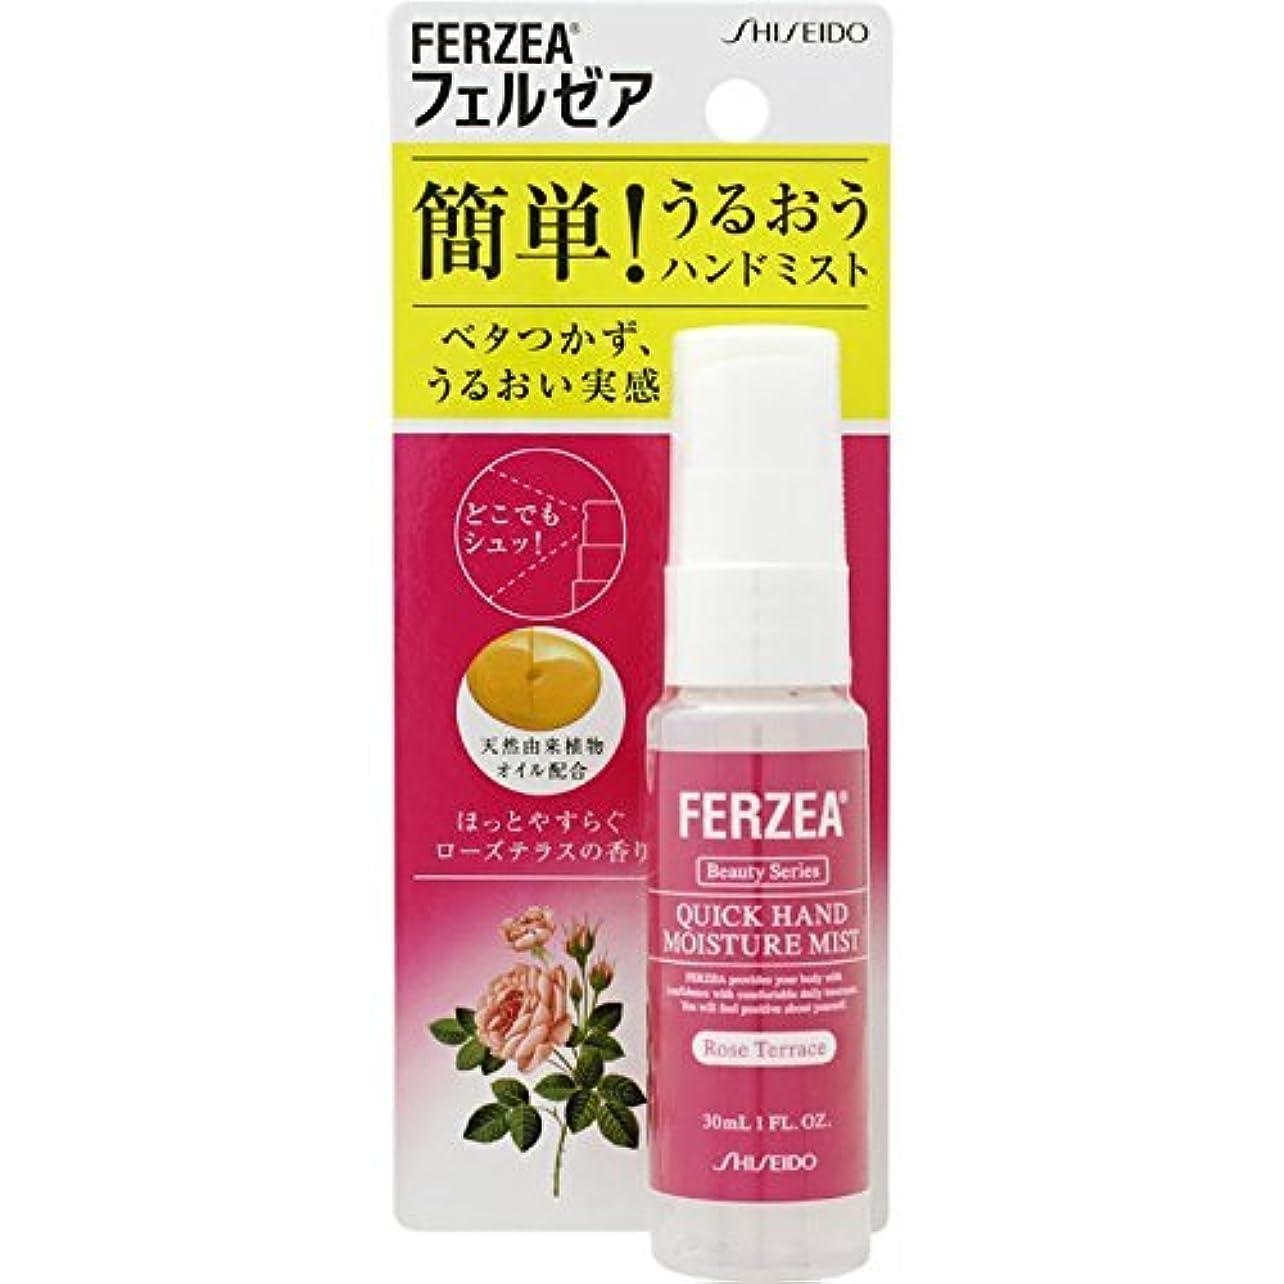 ドア活性化著名な資生堂薬品 フェルゼア ハンドモイスチャーミスト ほっとやすらぐローズテラスの香り 30ml